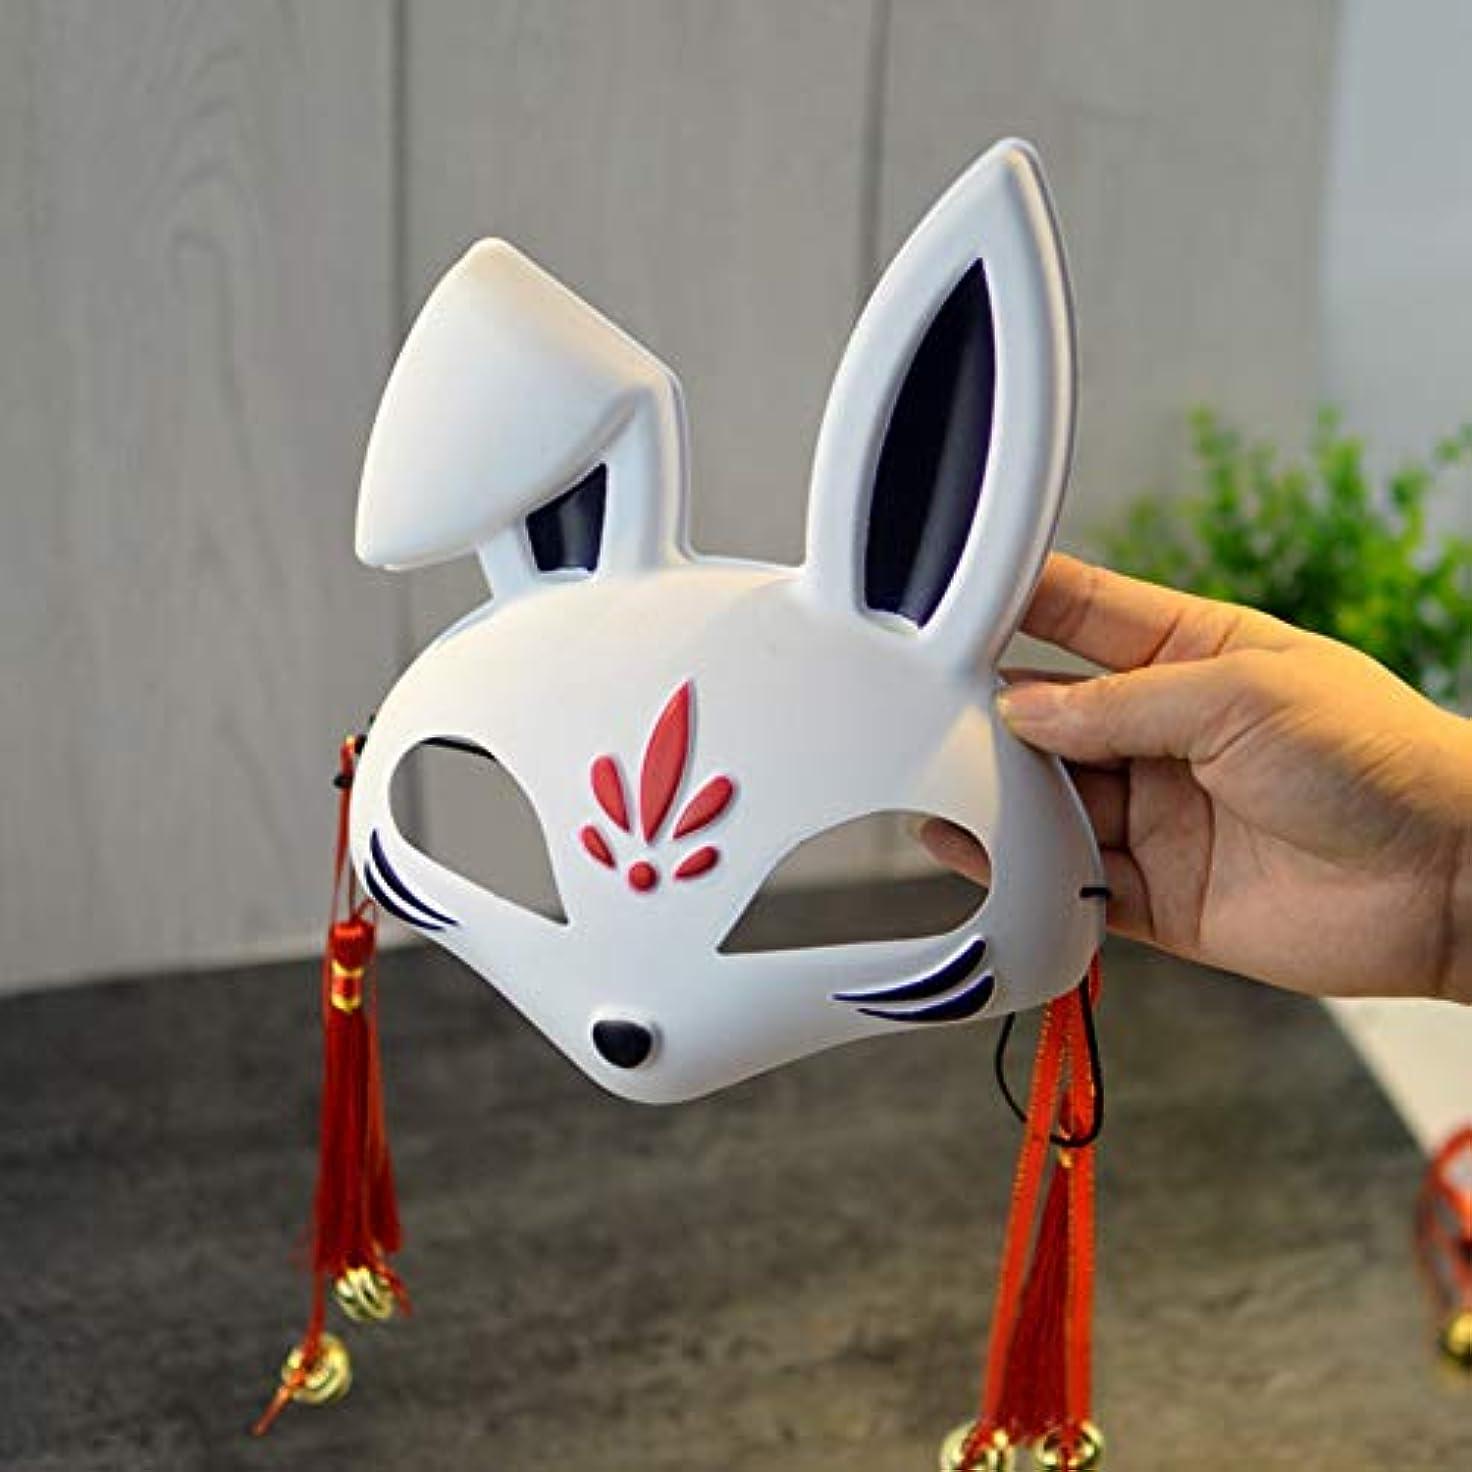 闘争コテージ懺悔Esolom うさぎマスク 半顔 ロールプレイングマスク ハロウィーン仮装衣装 PVCストリートダンスマスク 手描きのマスク 仮面舞踏会マスク